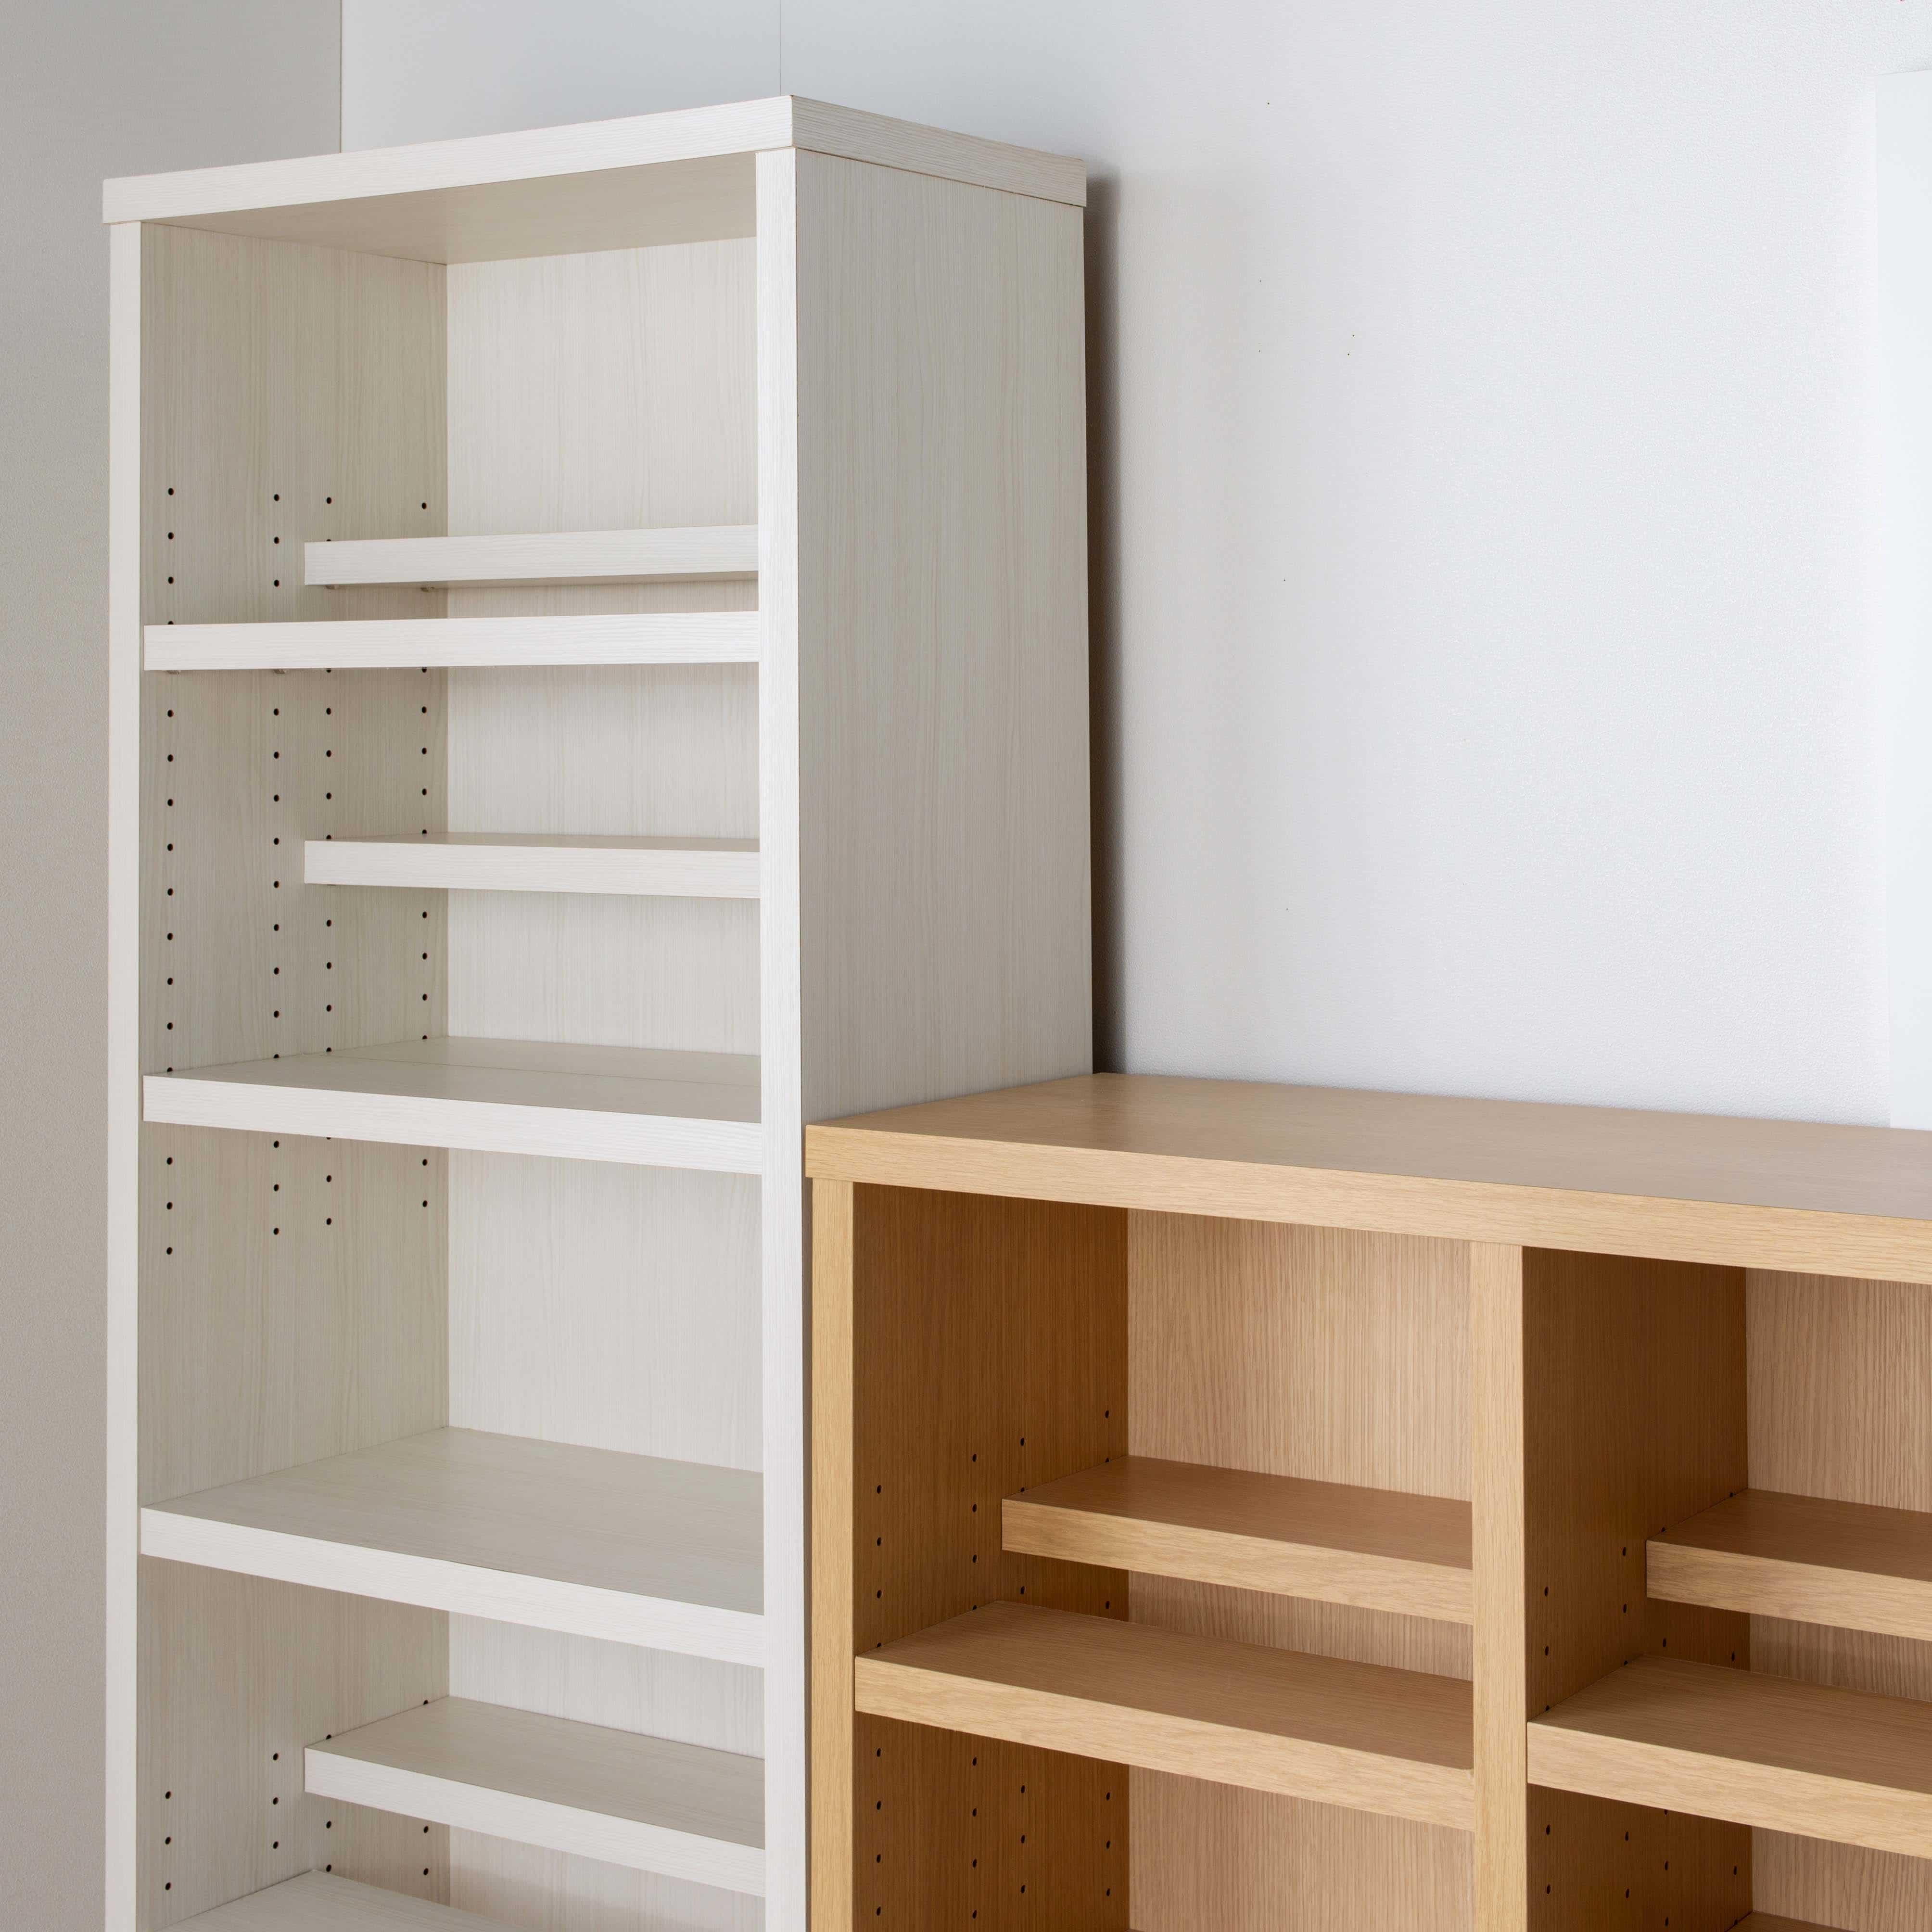 書棚 スカーラ 60Hフリーボード(ナチュラル):ロータイプはサイドボードとしても使用可能